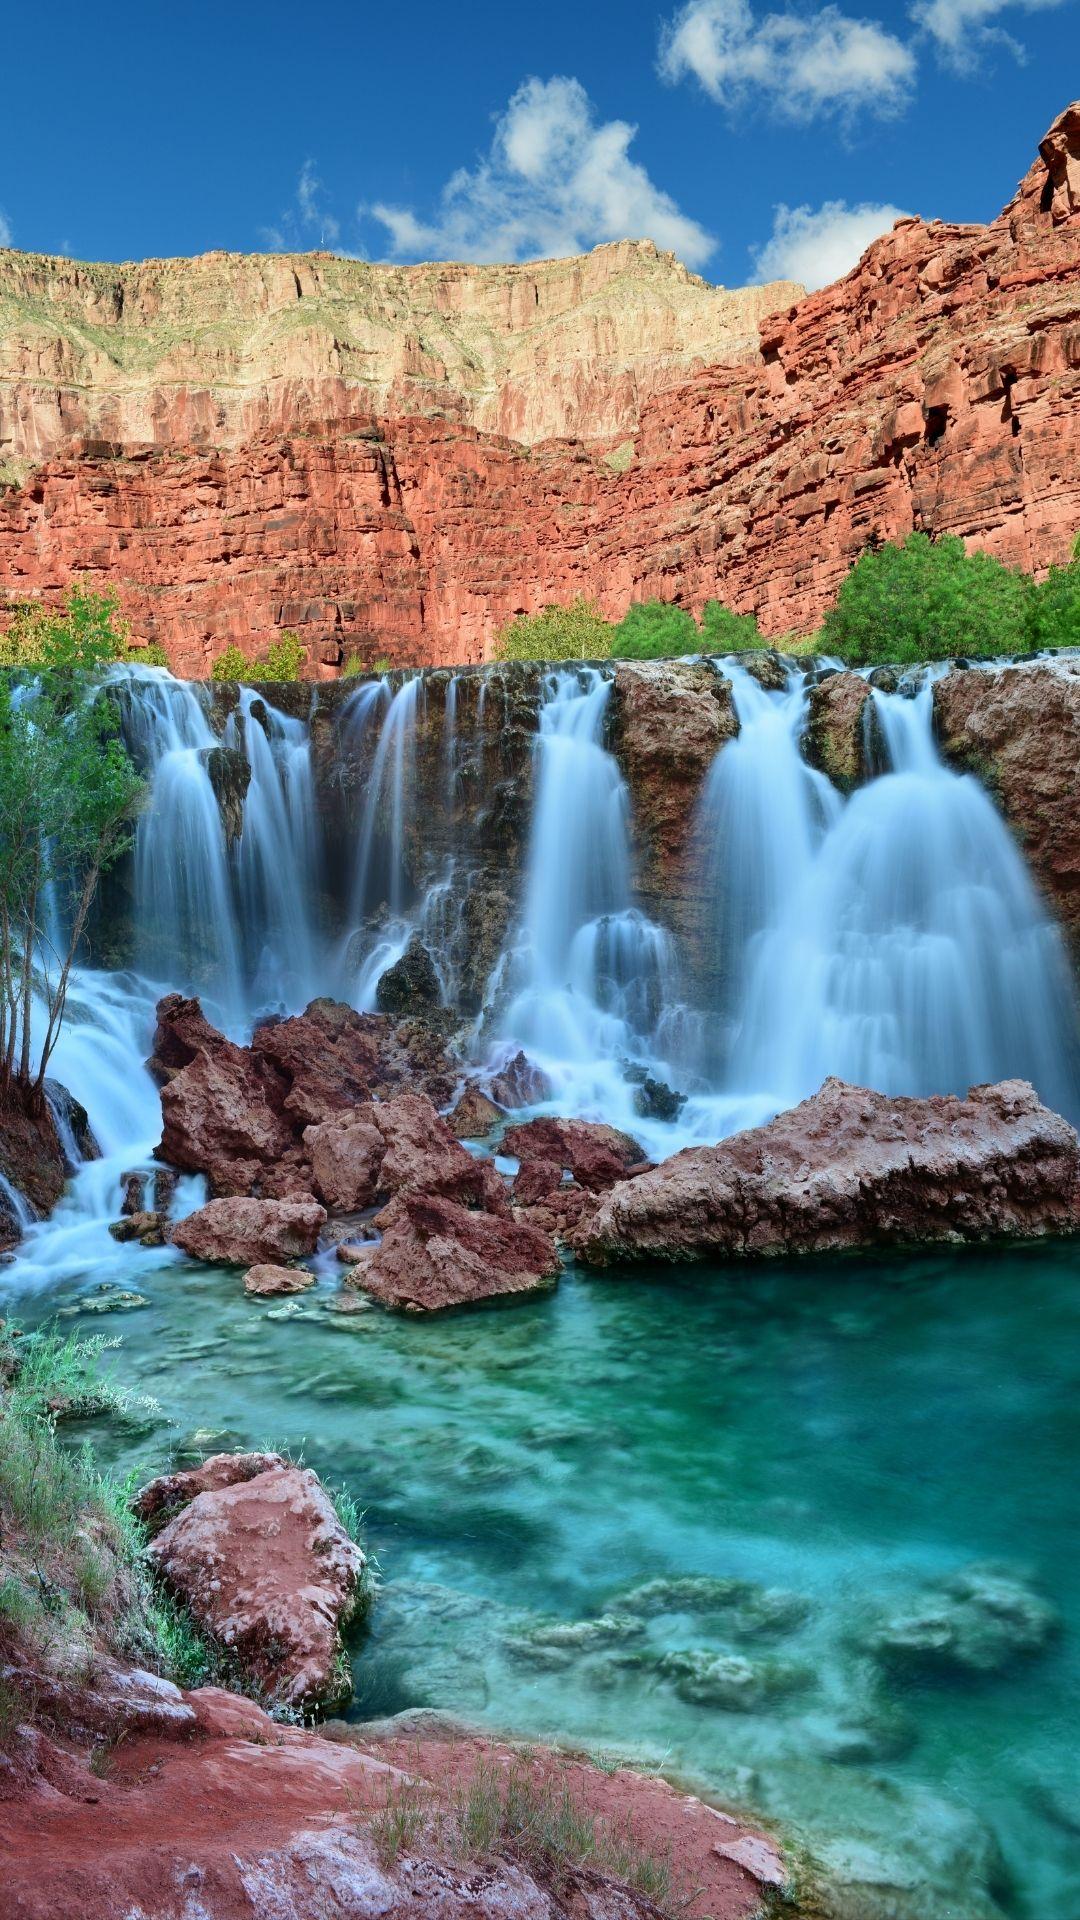 New Navajo Falls